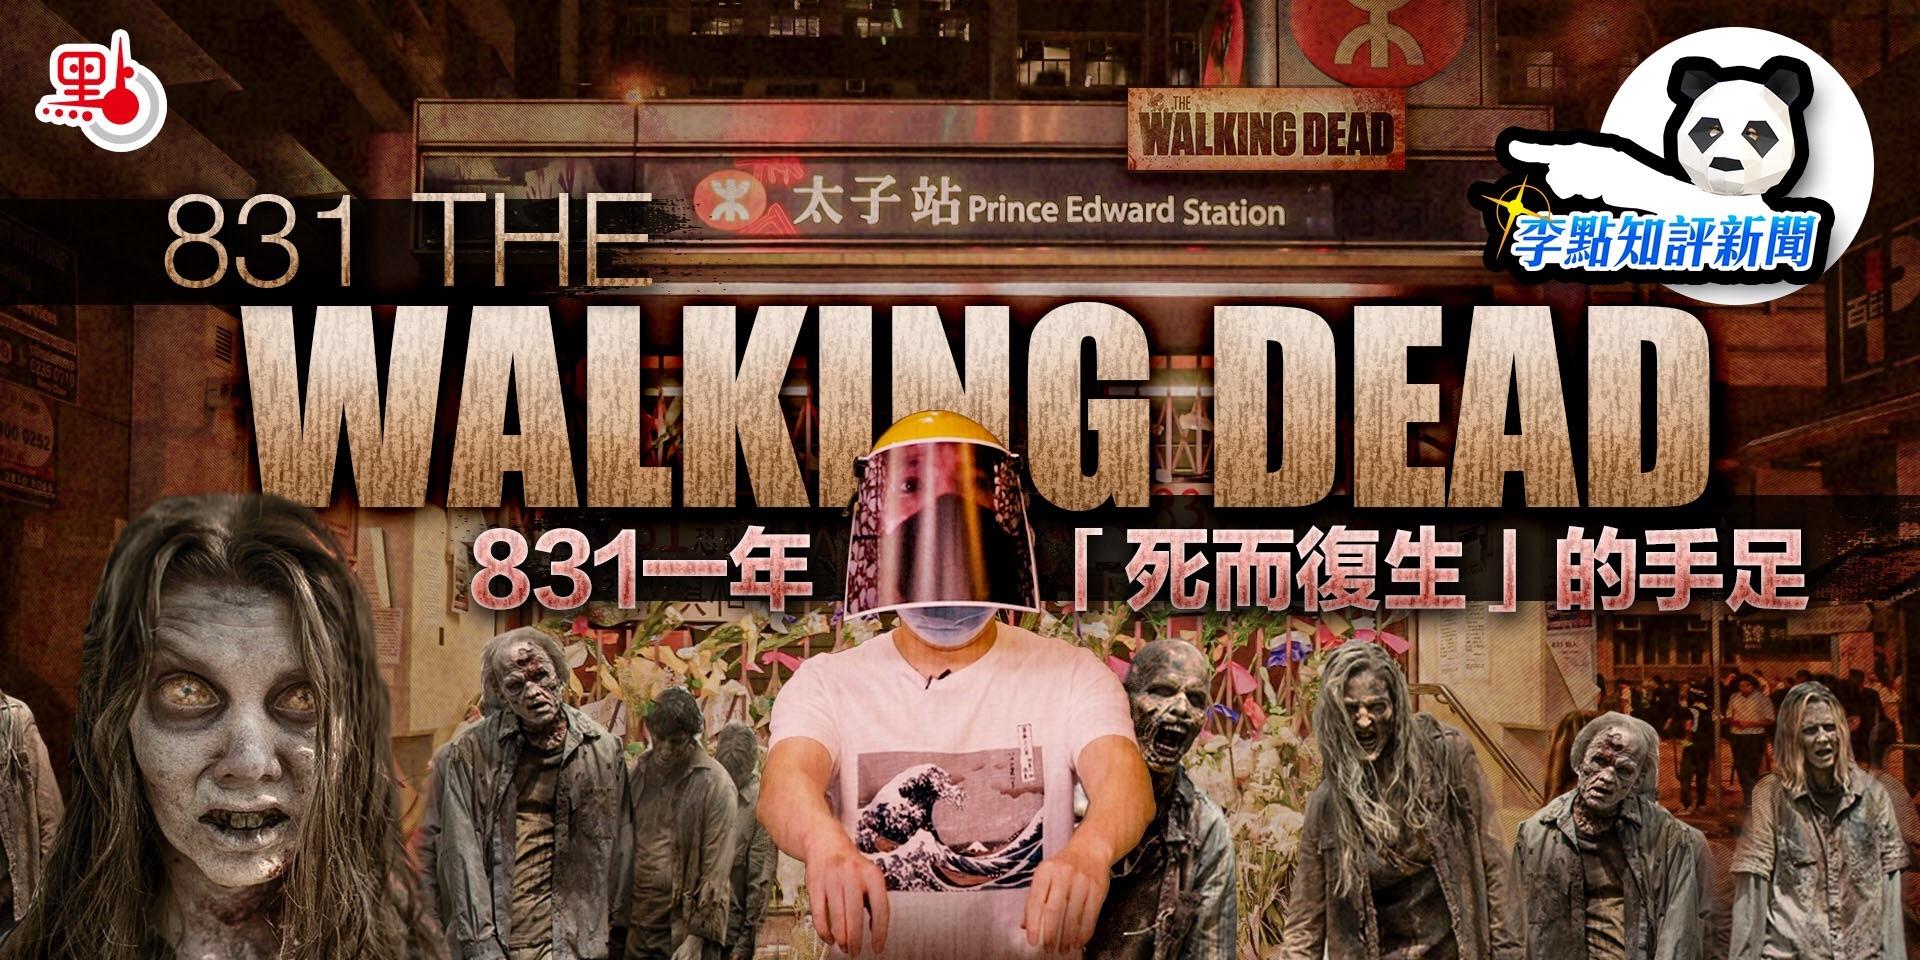 831一年 「死而復生」的手足(The Walking Dead 831)   李點知評新聞EP0